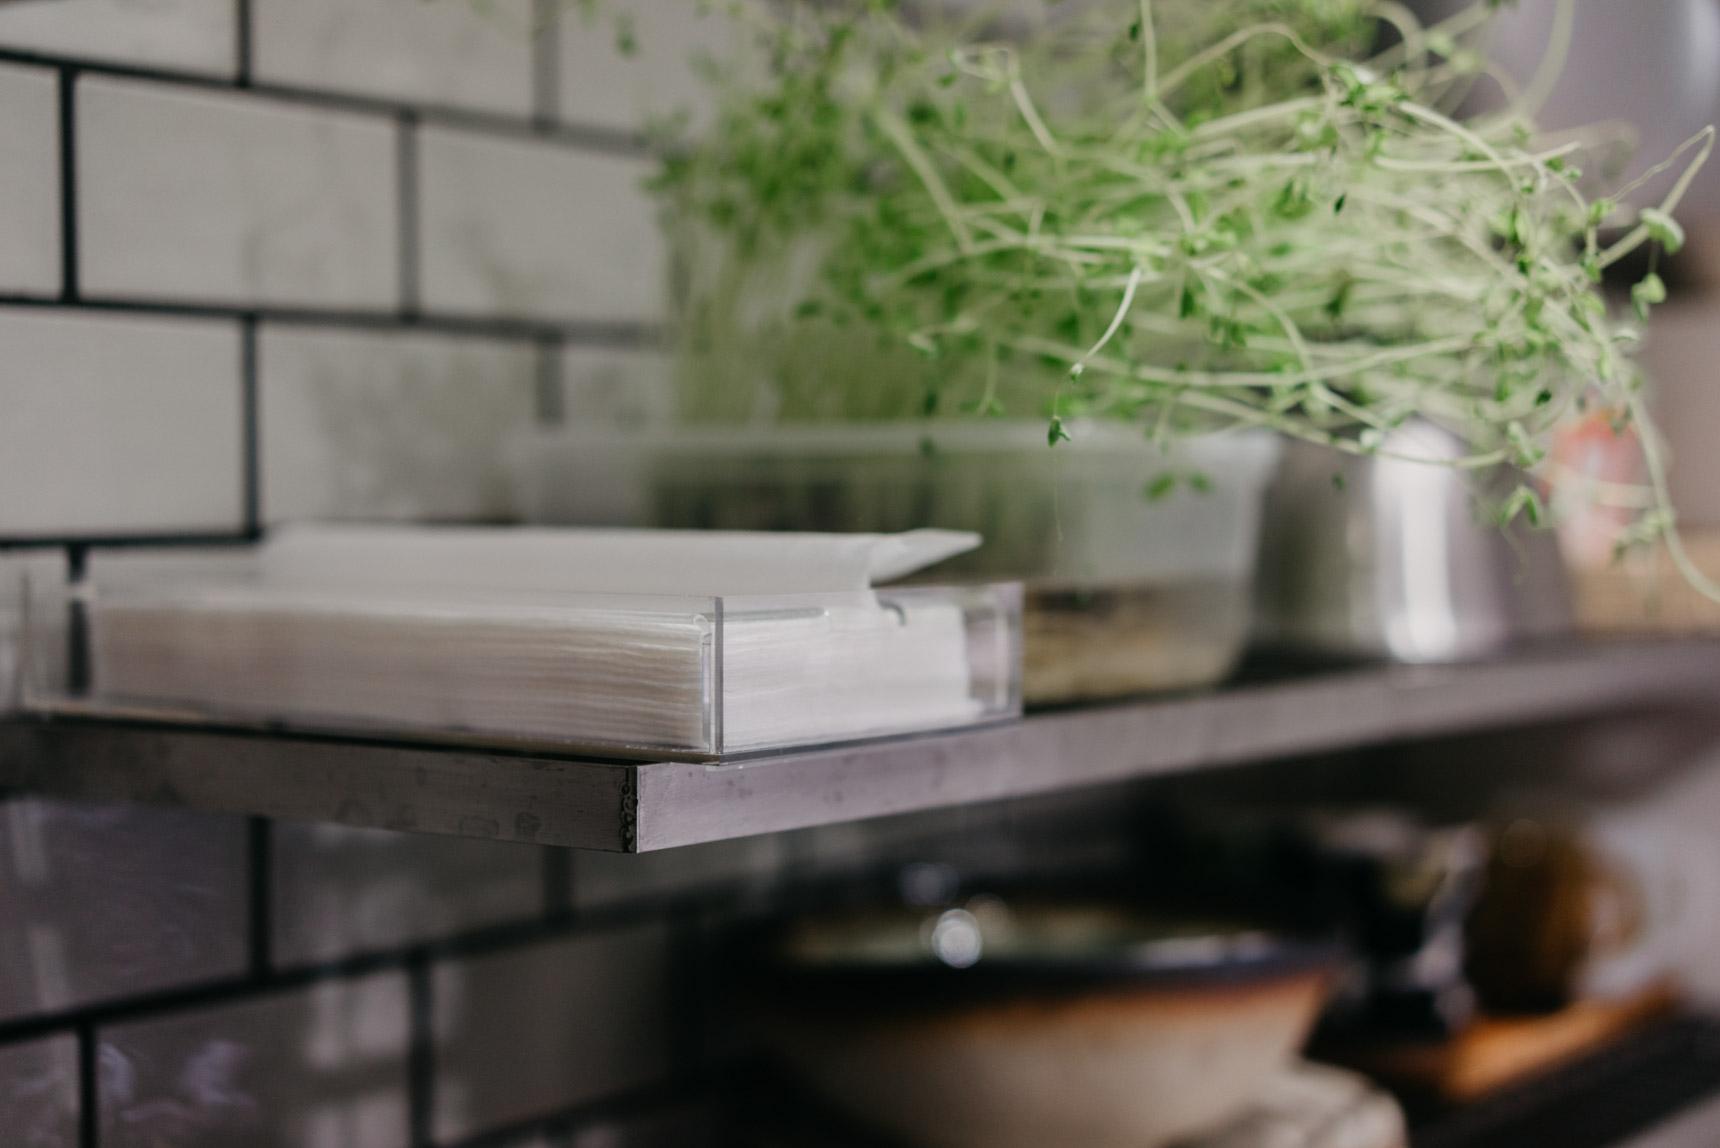 キッチン・バスルームの「ちょっと拭き」に便利。無印良品の「重なるアクリルボックス」でペーパータオル置き場をつくろう